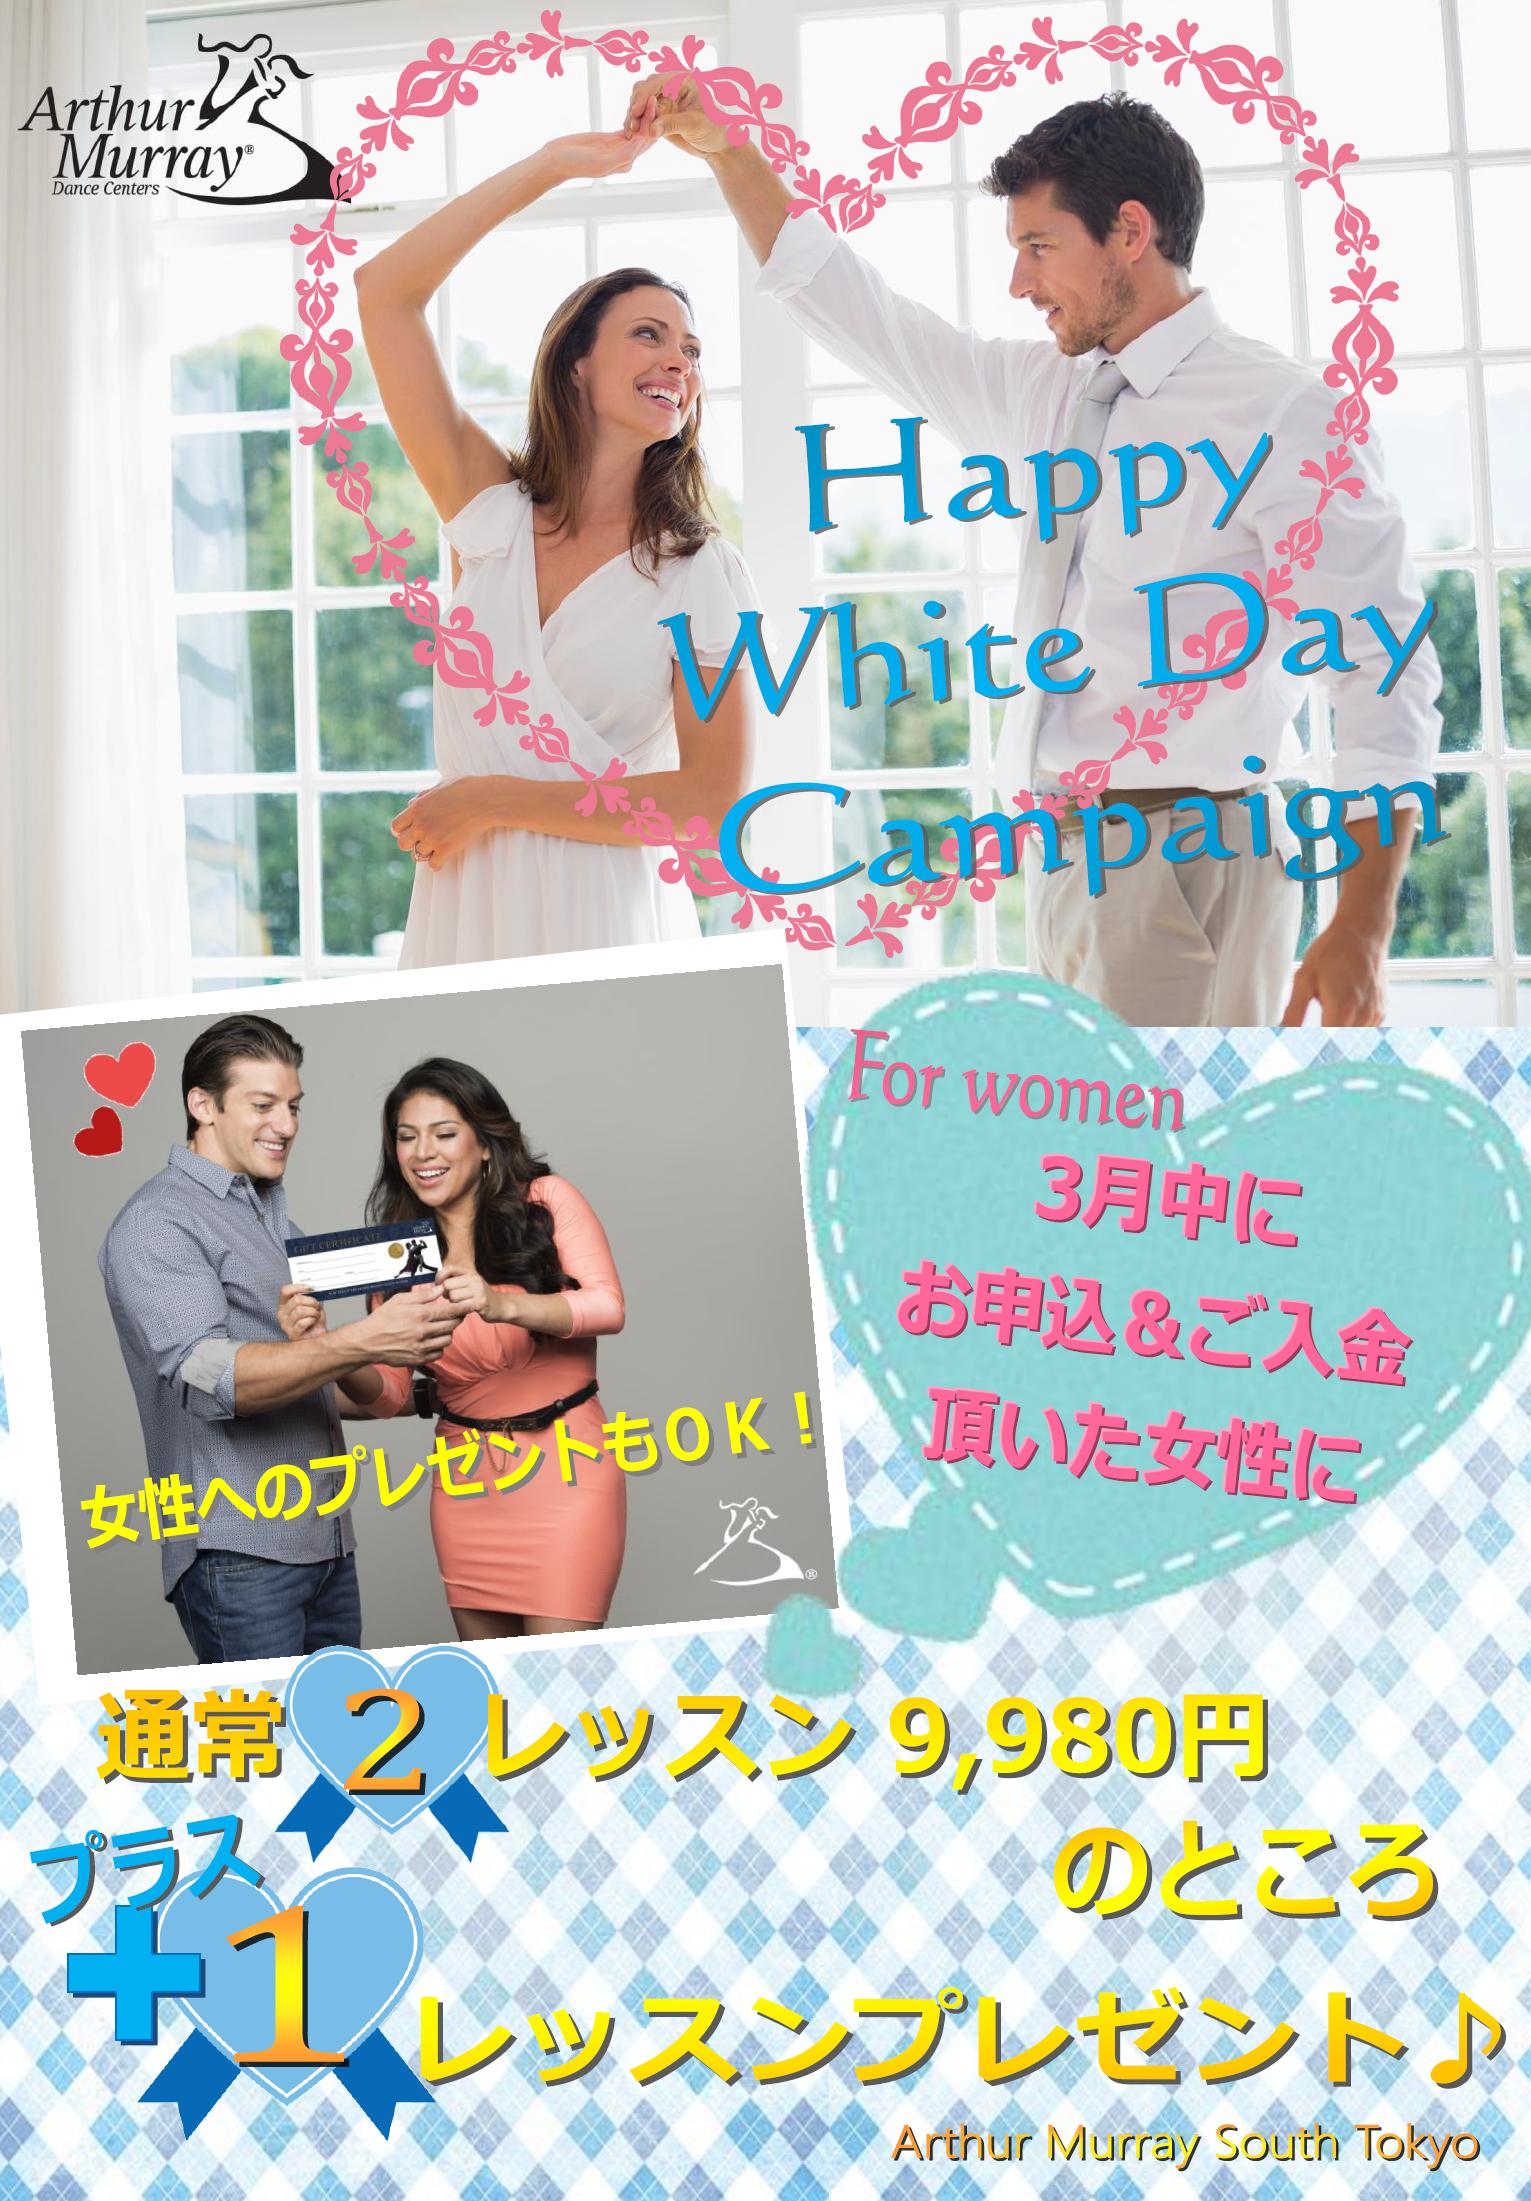 ホワイトデー キャンペーン